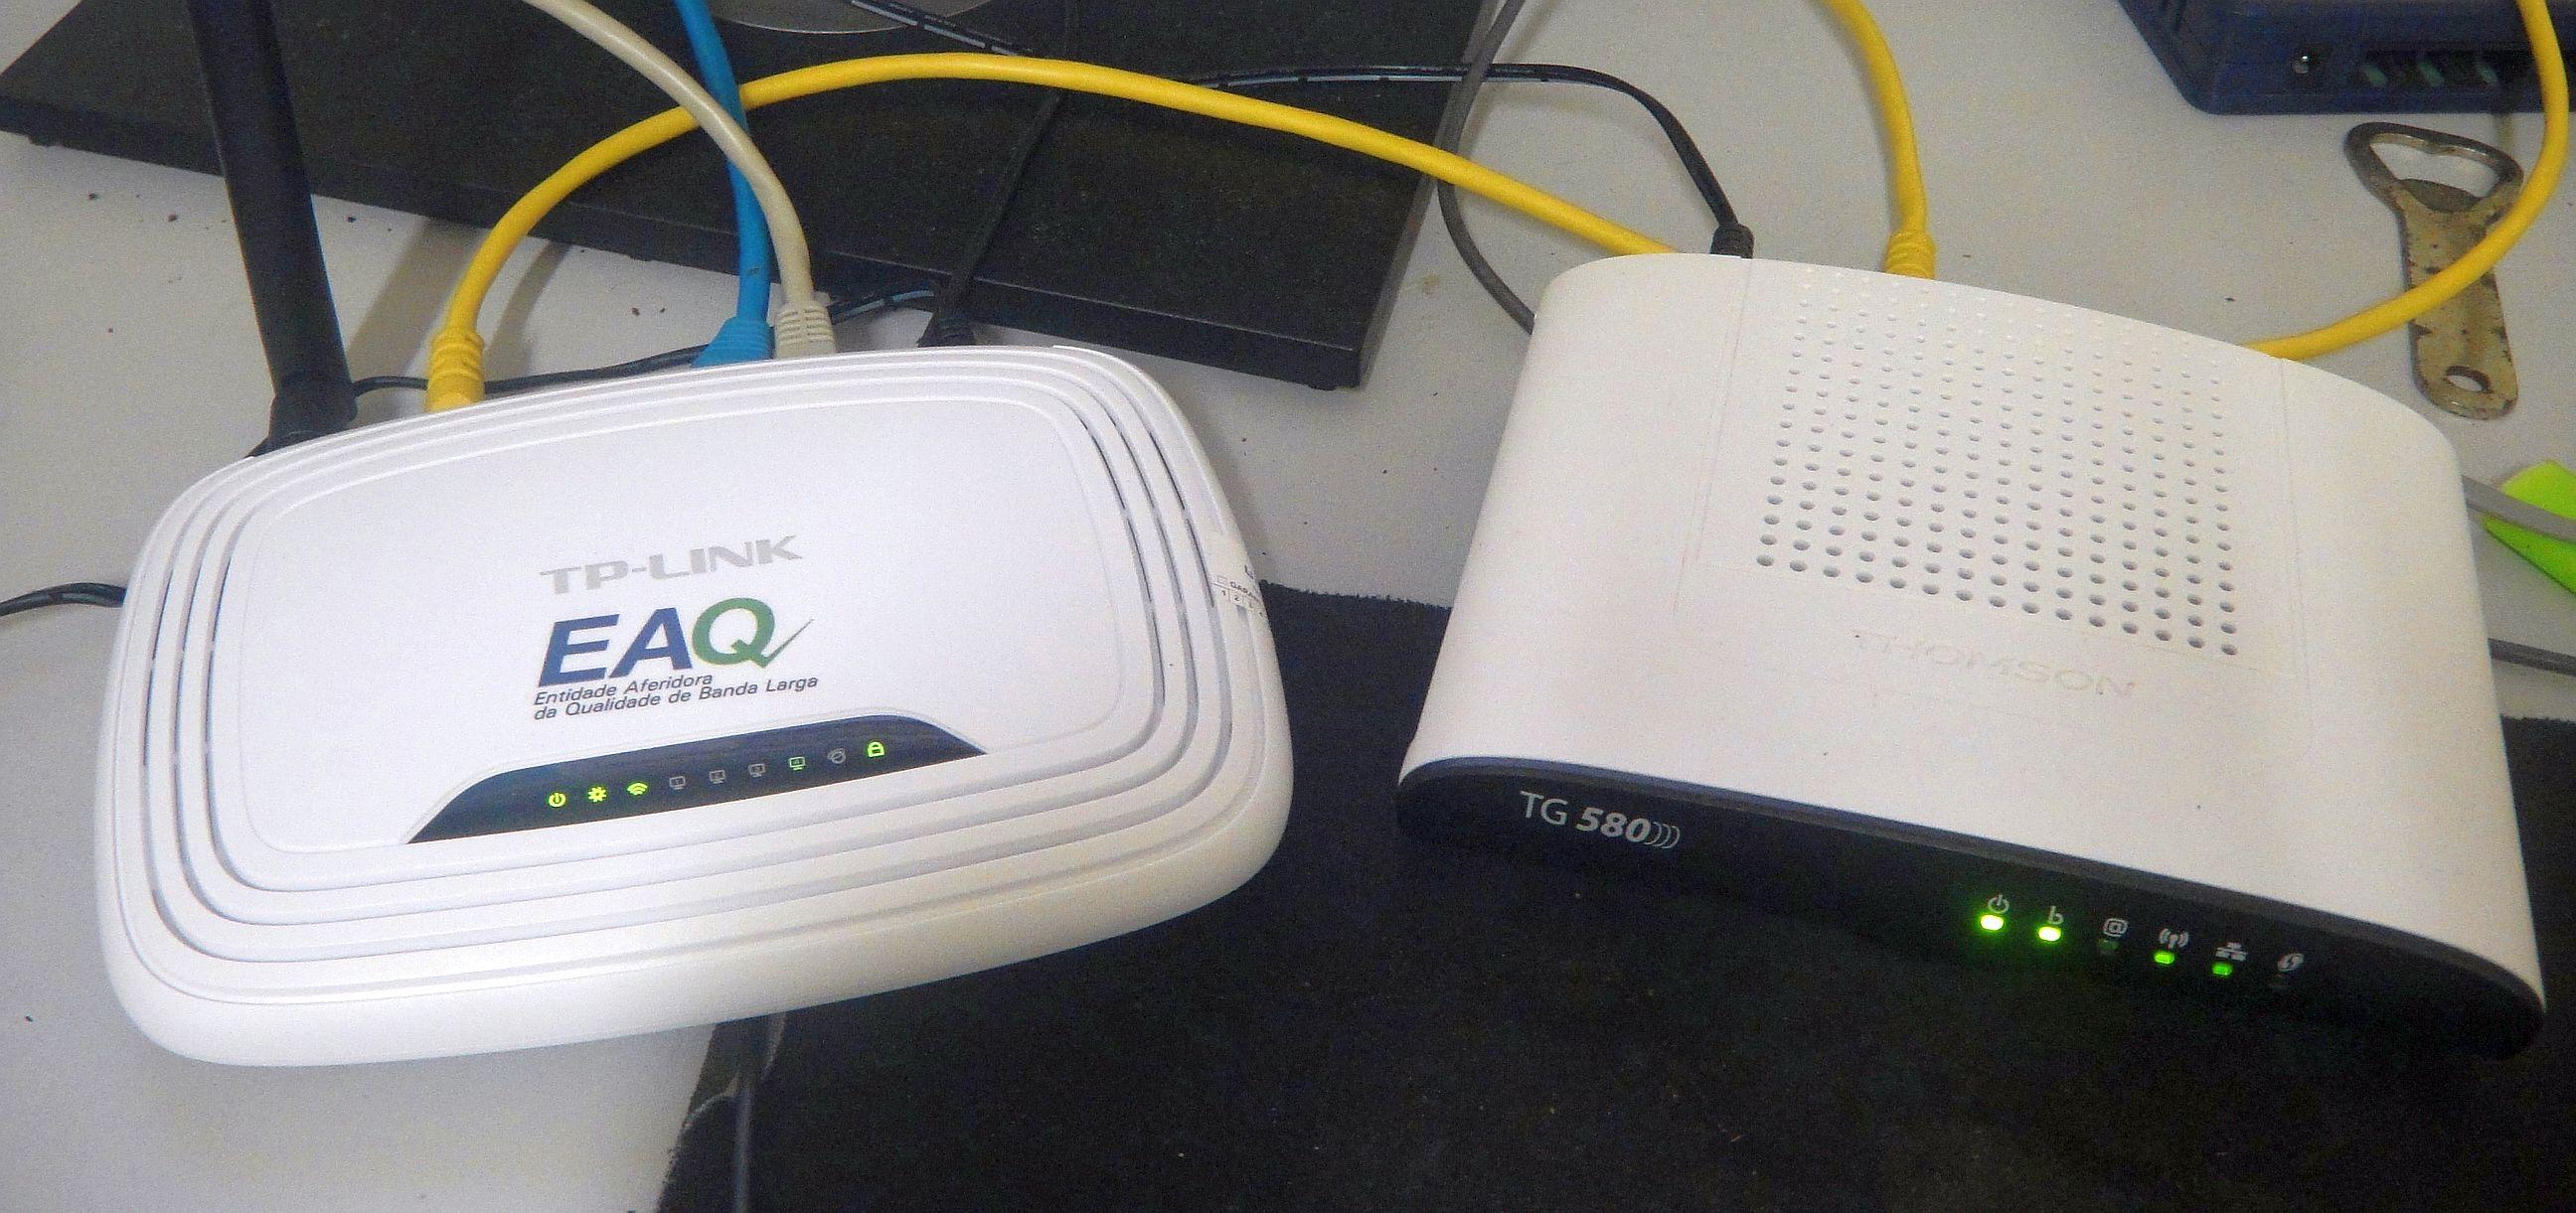 Quer ajudar a medir a qualidade da internet no Brasil? Saiba como.